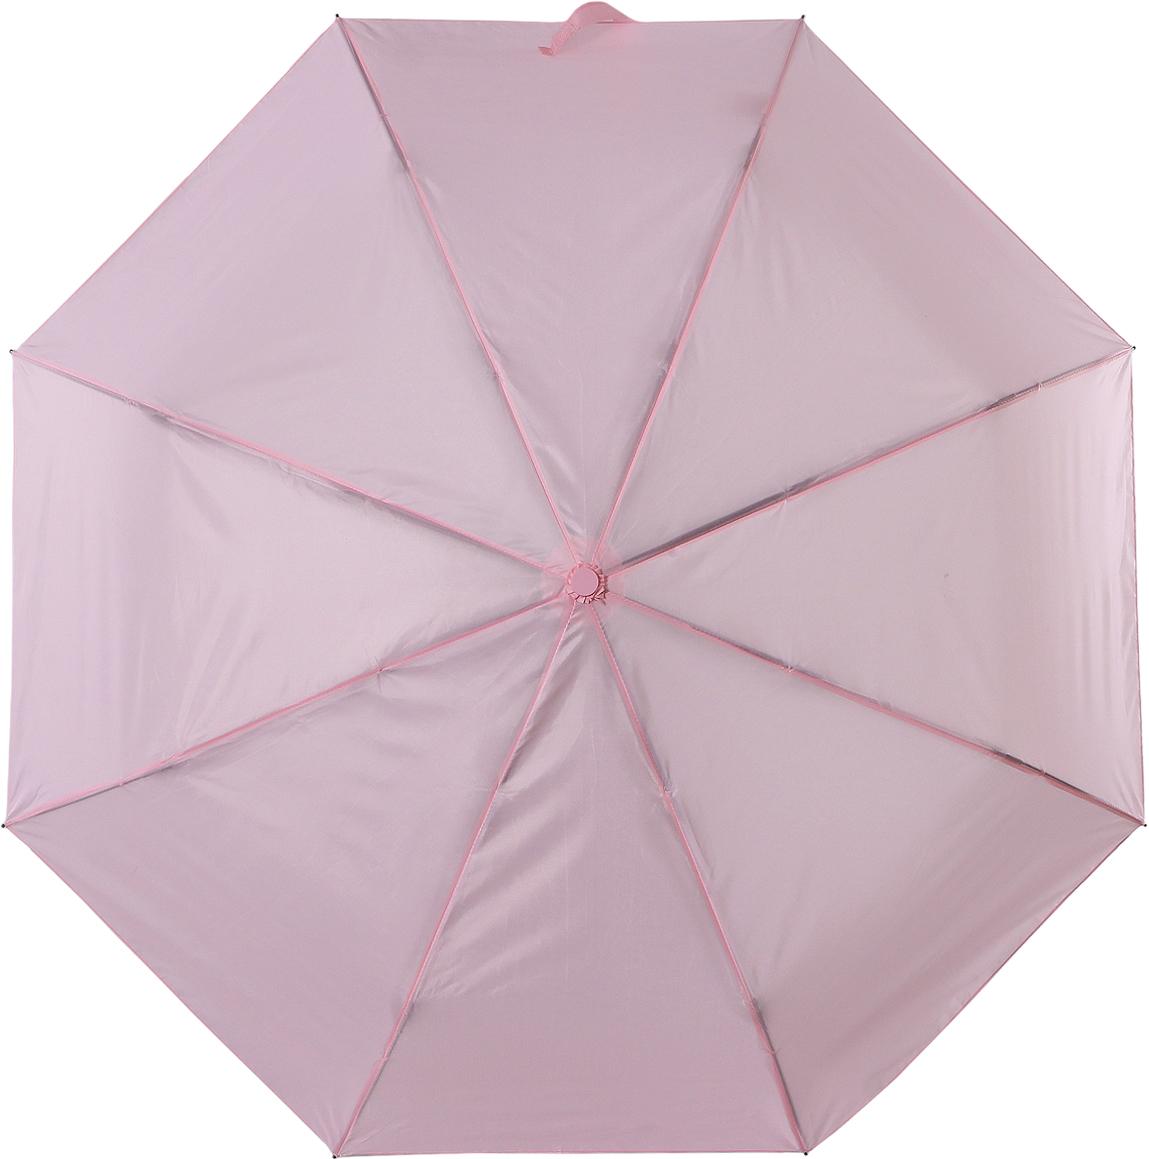 Зонт женский Torm, автомат, 3 сложения, цвет: светло-розовый. 3731-12 цена